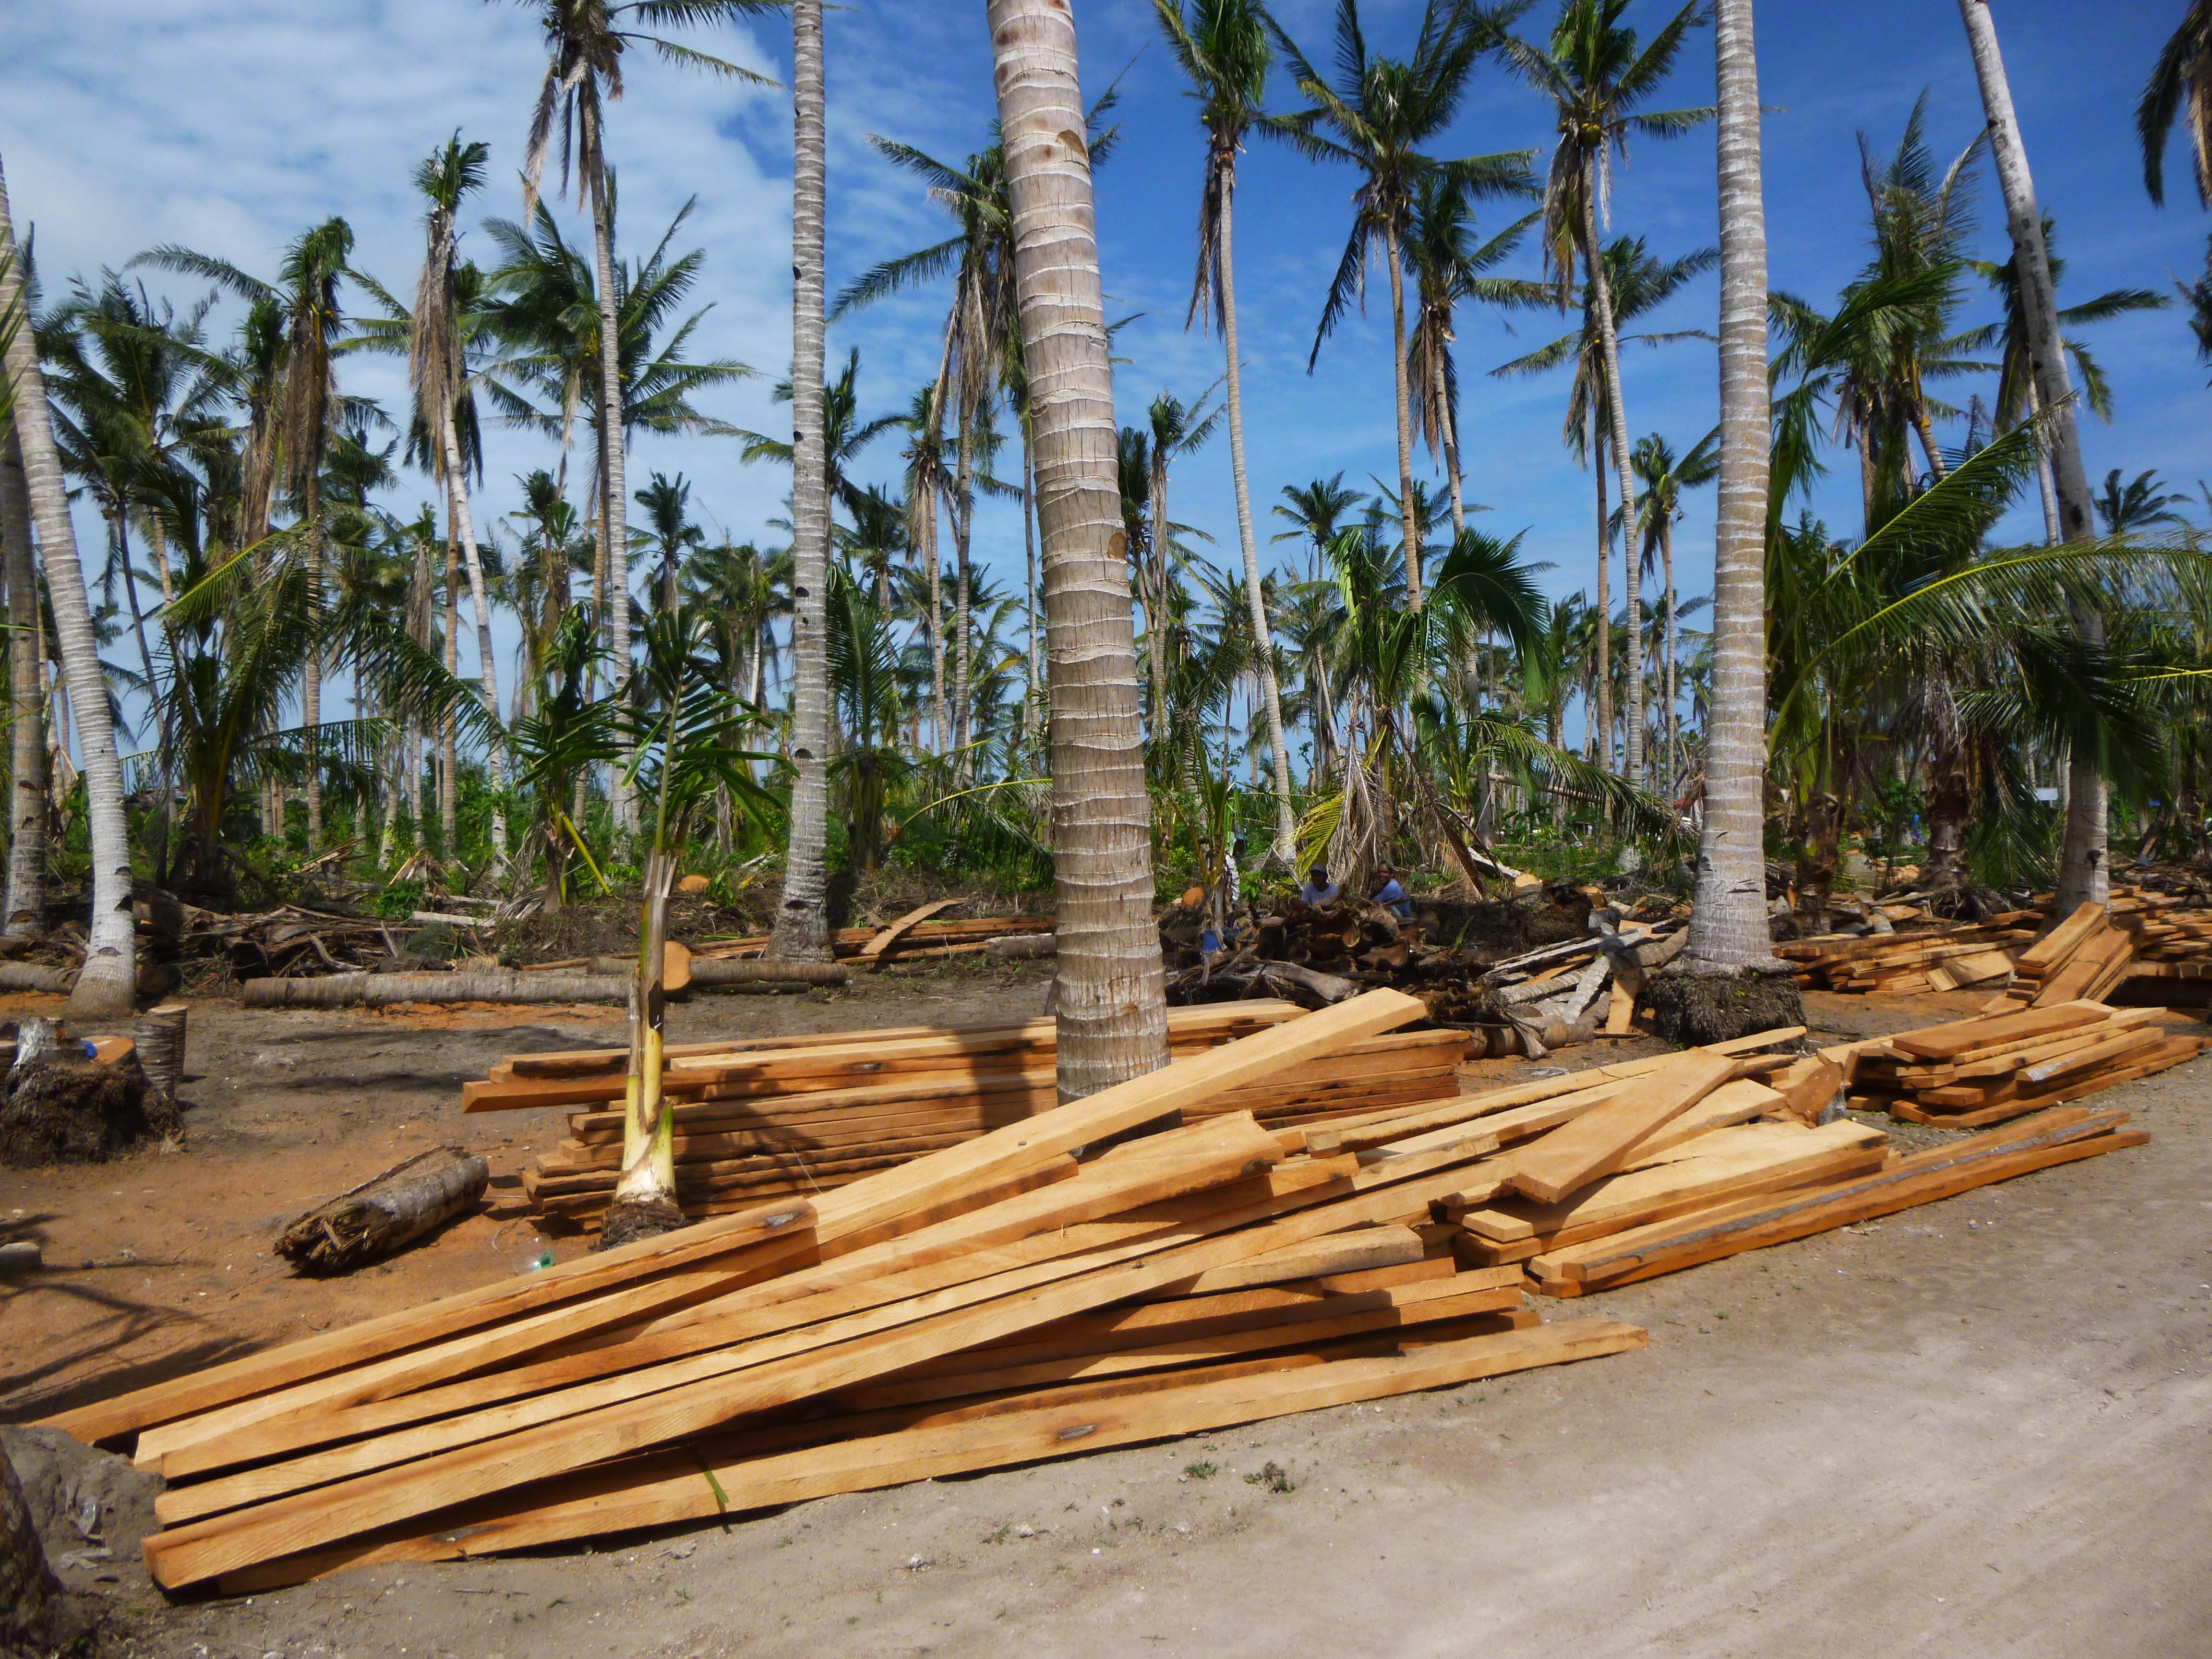 bois de charpente taillé à la tronçonneuse et à main levée dans du cocotier